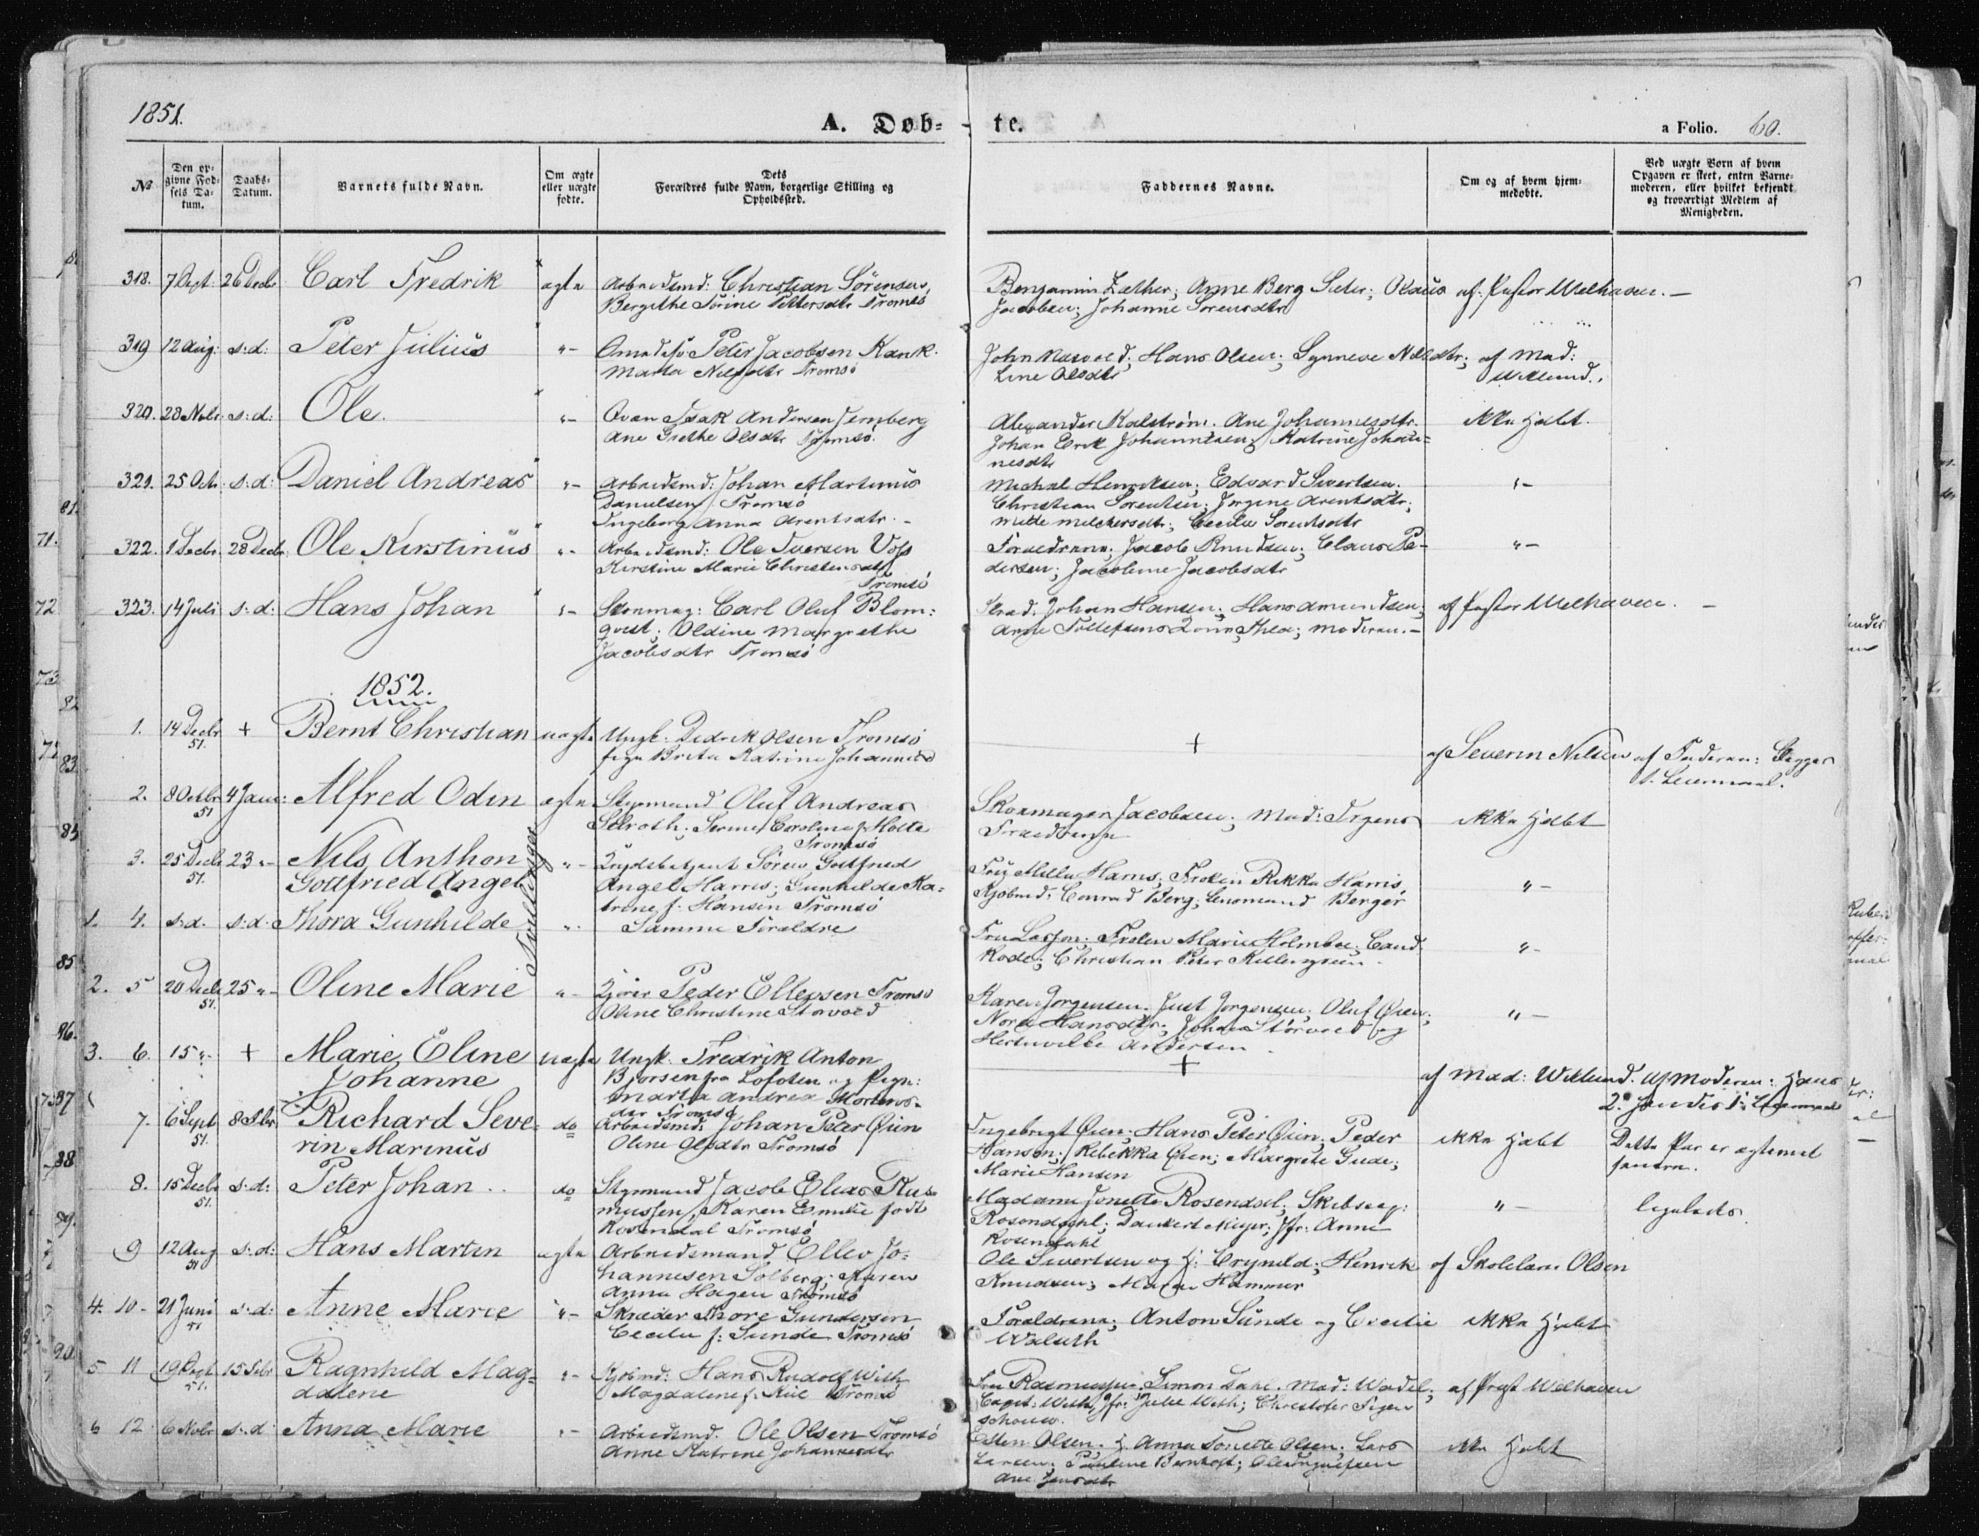 SATØ, Tromsø sokneprestkontor/stiftsprosti/domprosti, G/Ga/L0010kirke: Ministerialbok nr. 10, 1848-1855, s. 60